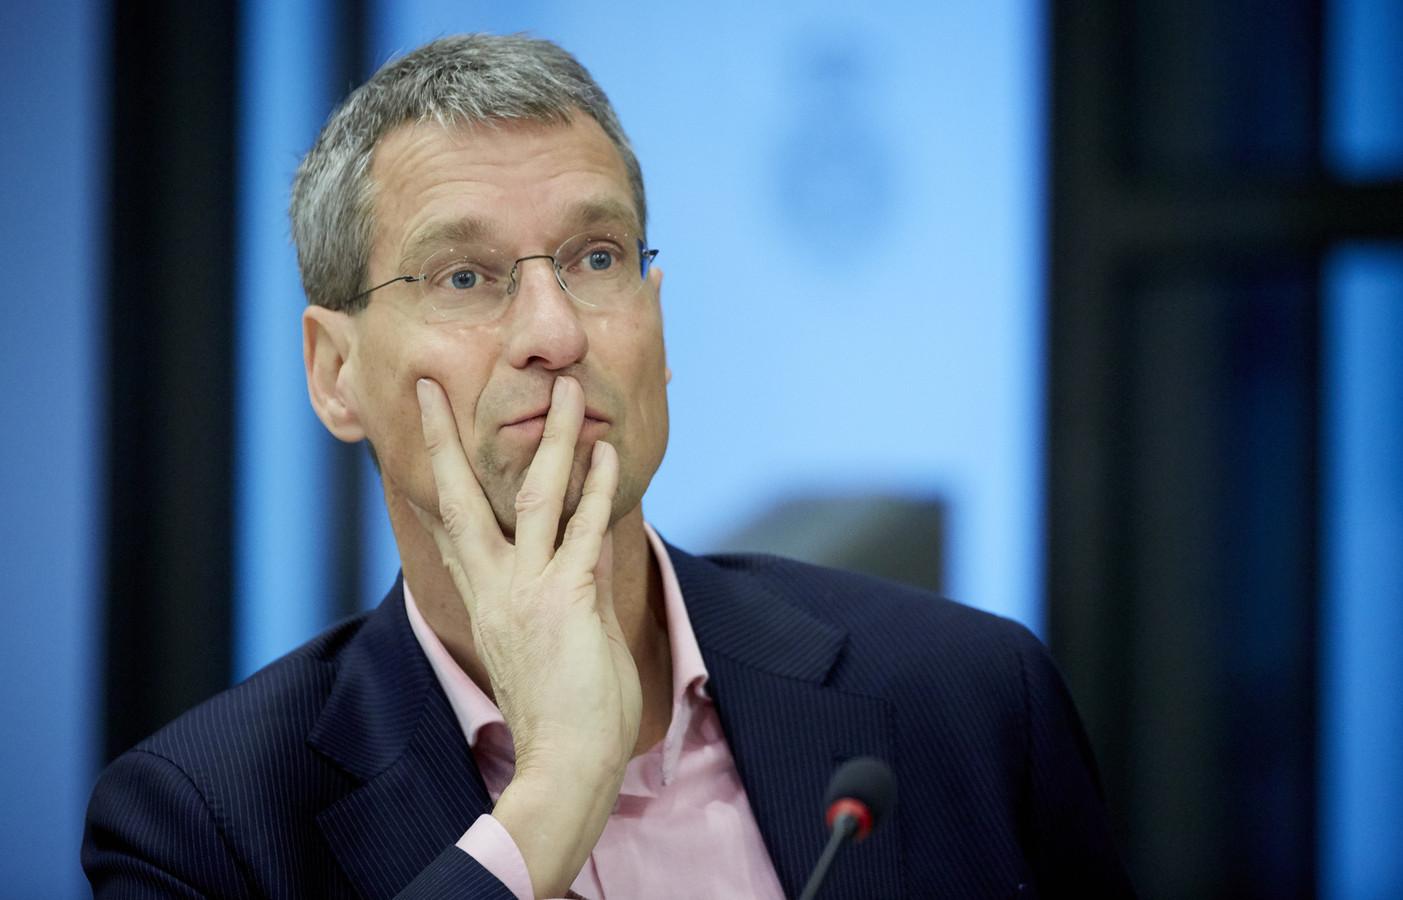 Marcel Wintels.